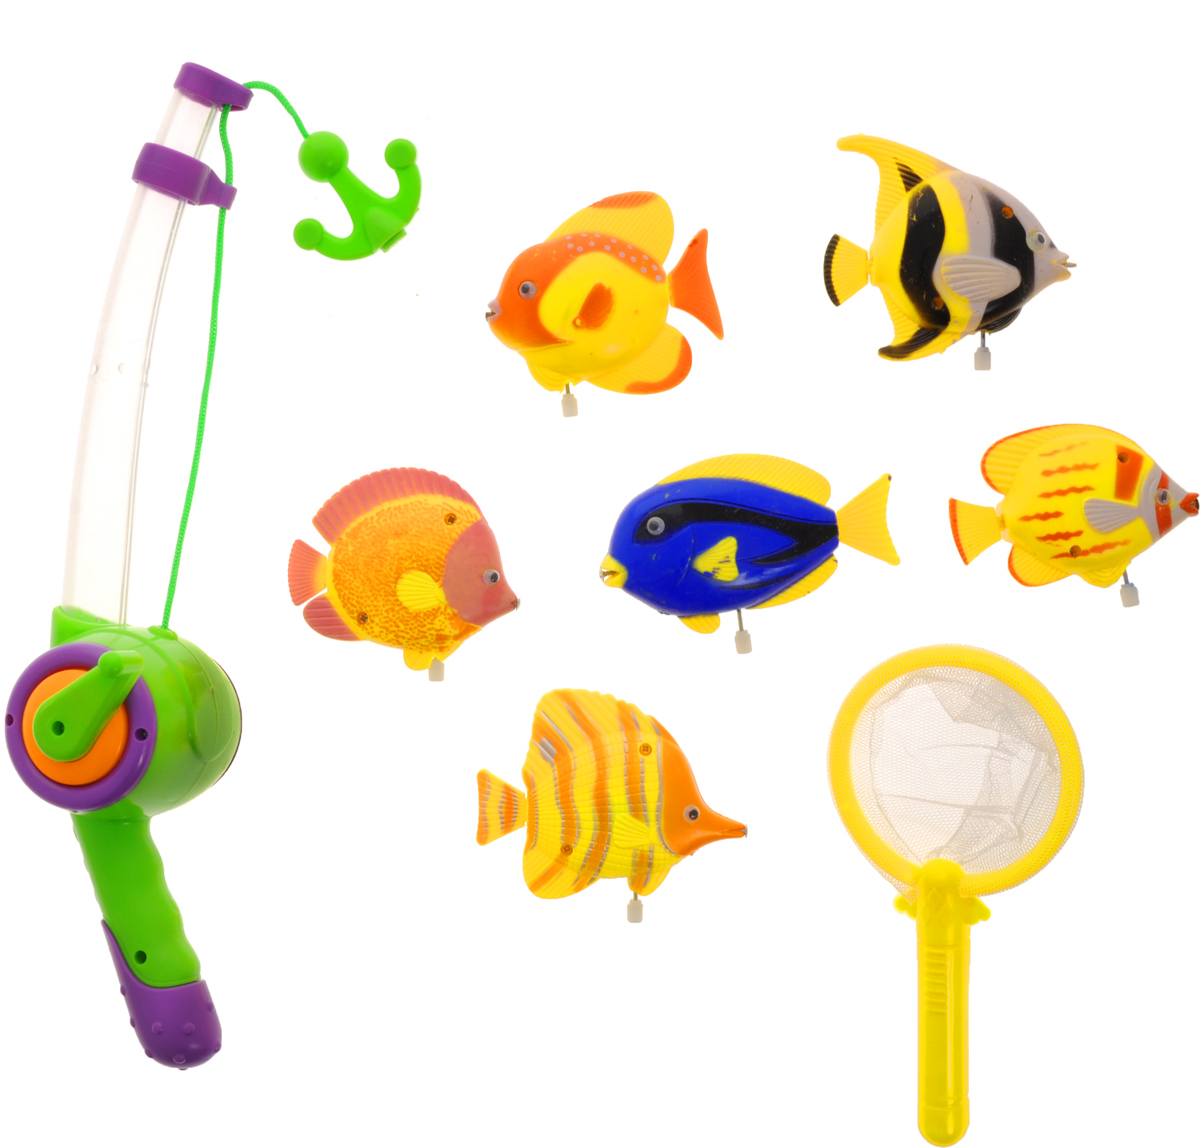 Играем вместе Игрушка для ванной Рыбалка Маша и Медведь цвет удочки салатовый фиолетовый игрушки для ванной играем вместе набор для купания маша и медведь